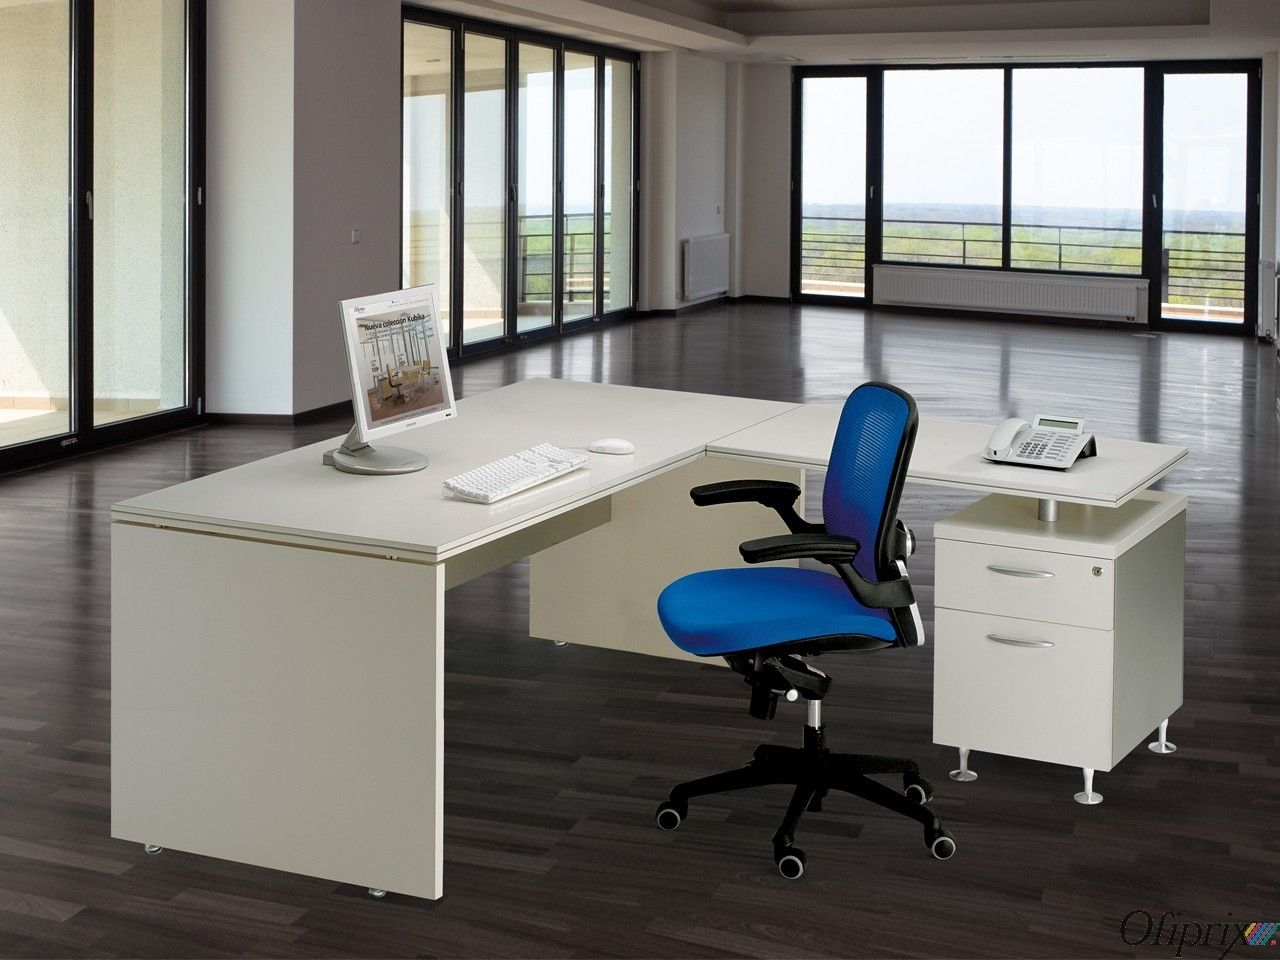 Mesas de Oficina Baratas - Work Basic | Mesa de oficina, Oficinas y ...